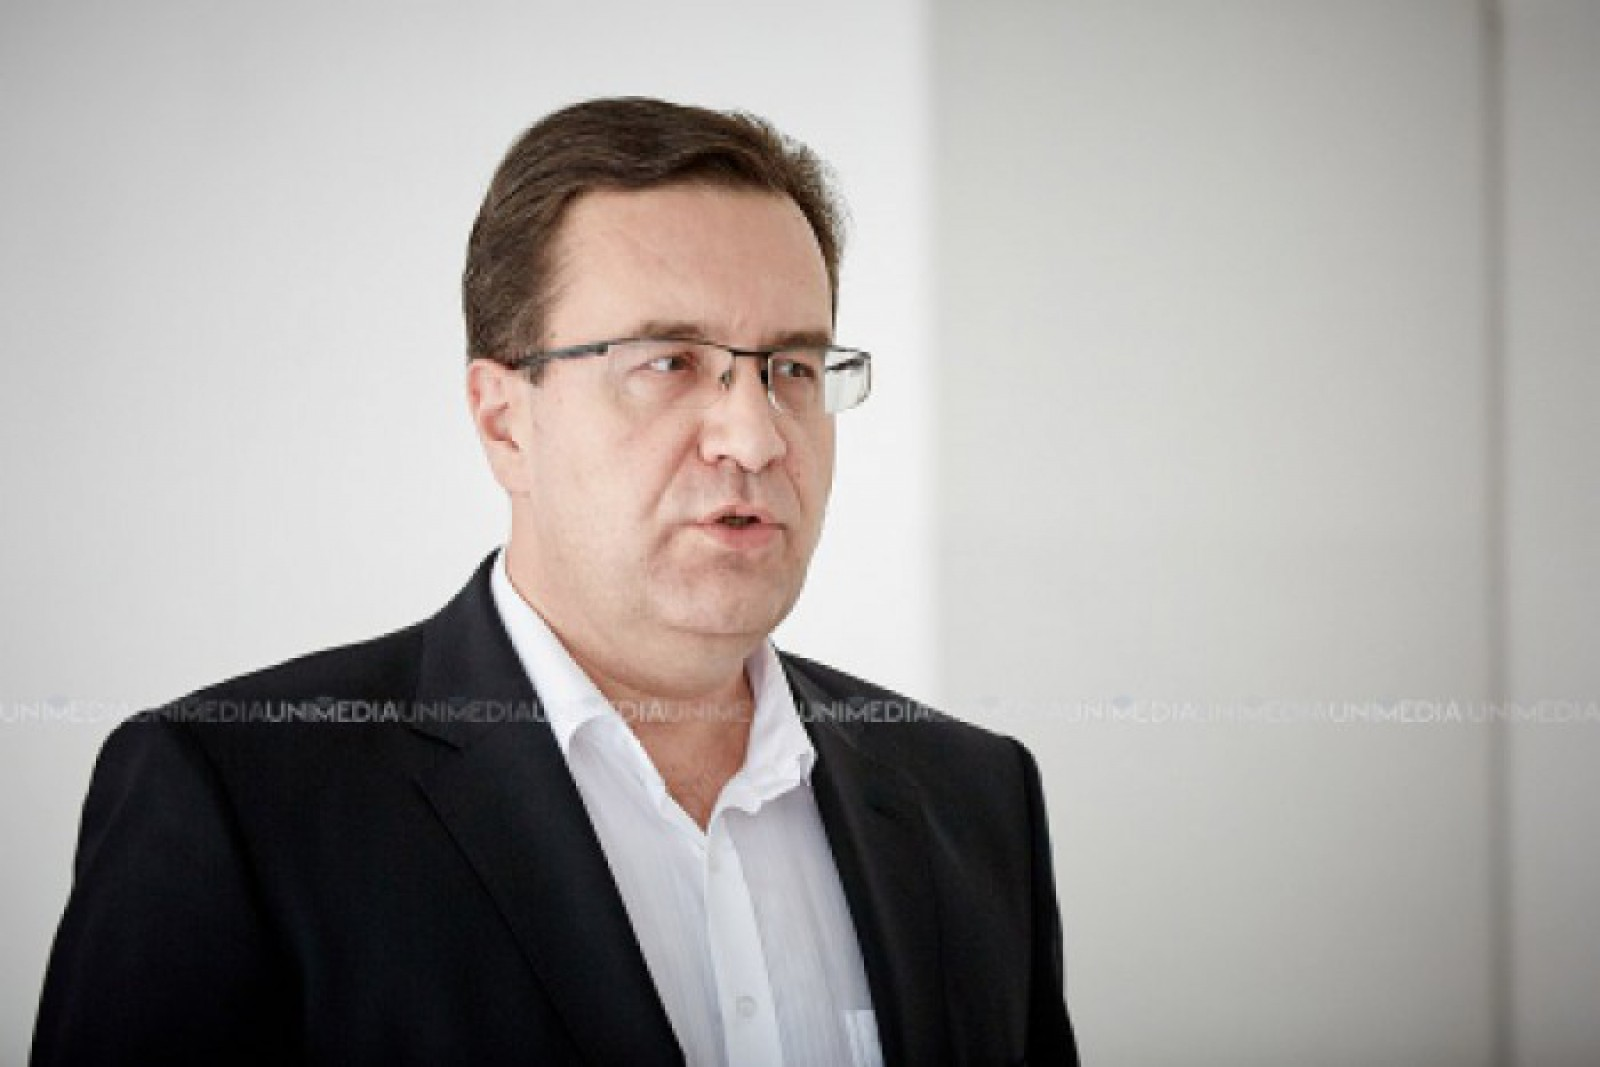 """Marian Lupu susține că sintagma """"limba moldovenească"""" din Constituție trebuie să rămână neschimbată"""